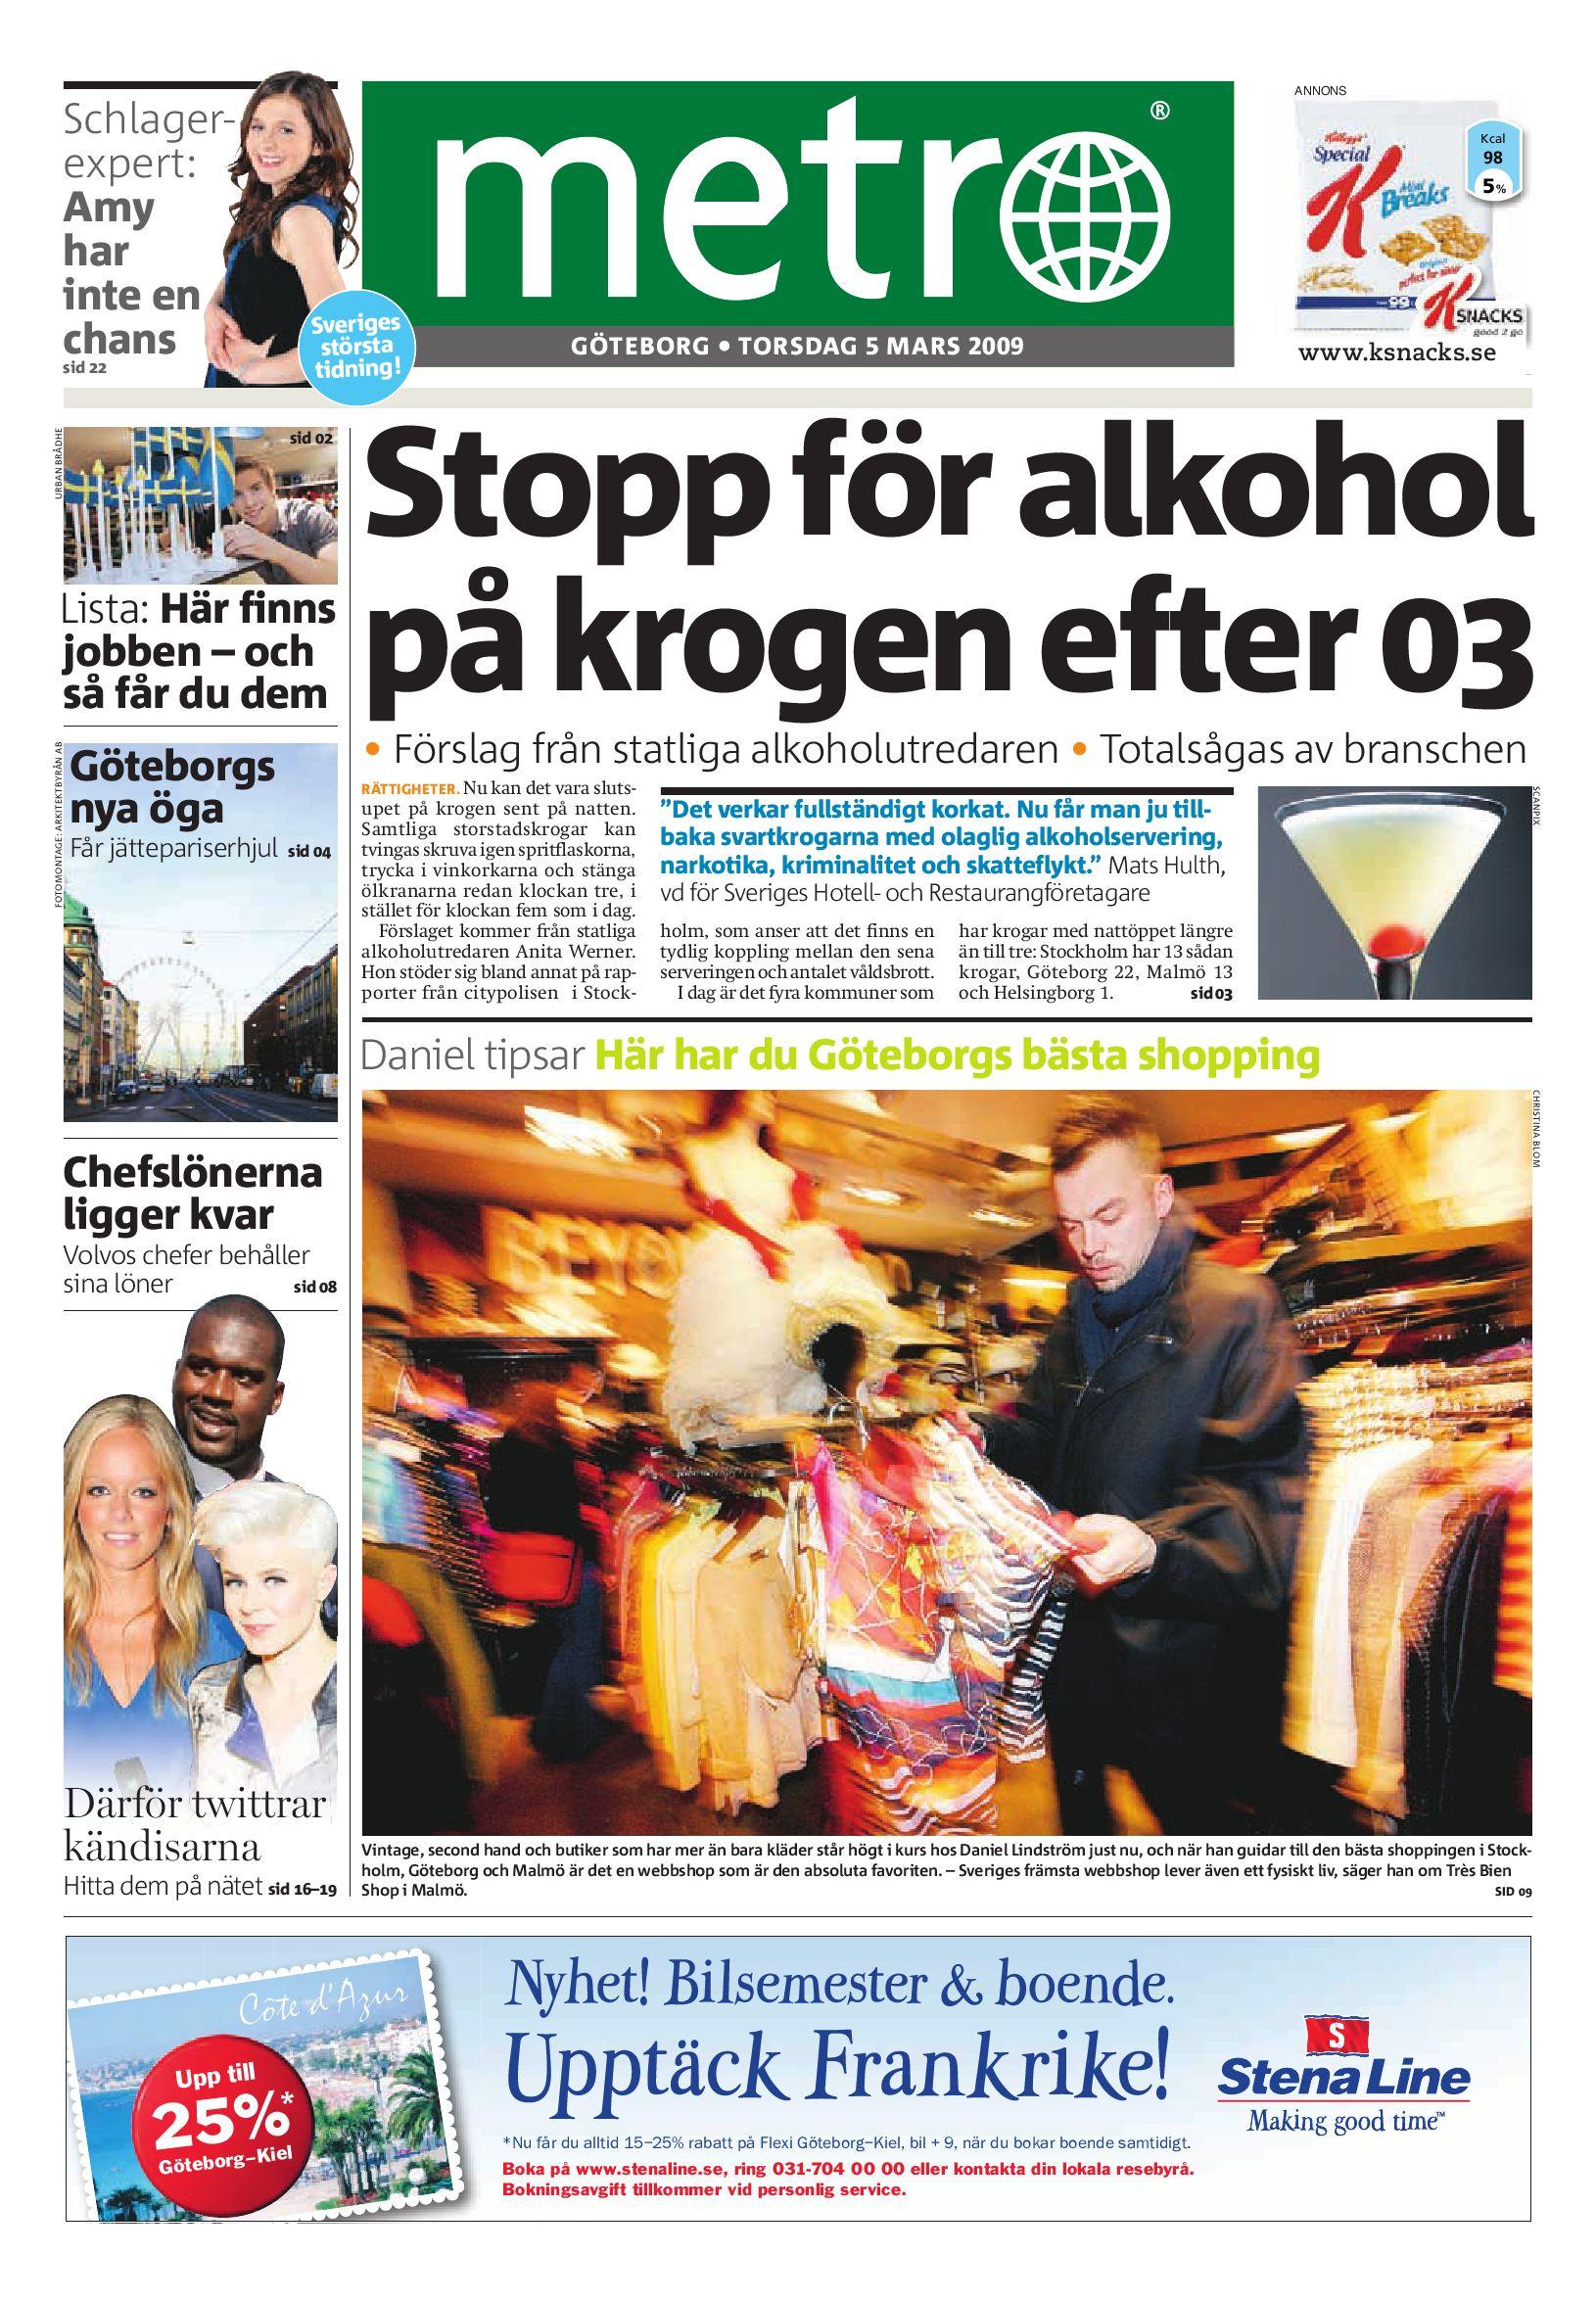 Sveriges storsta och basta schlagersajt